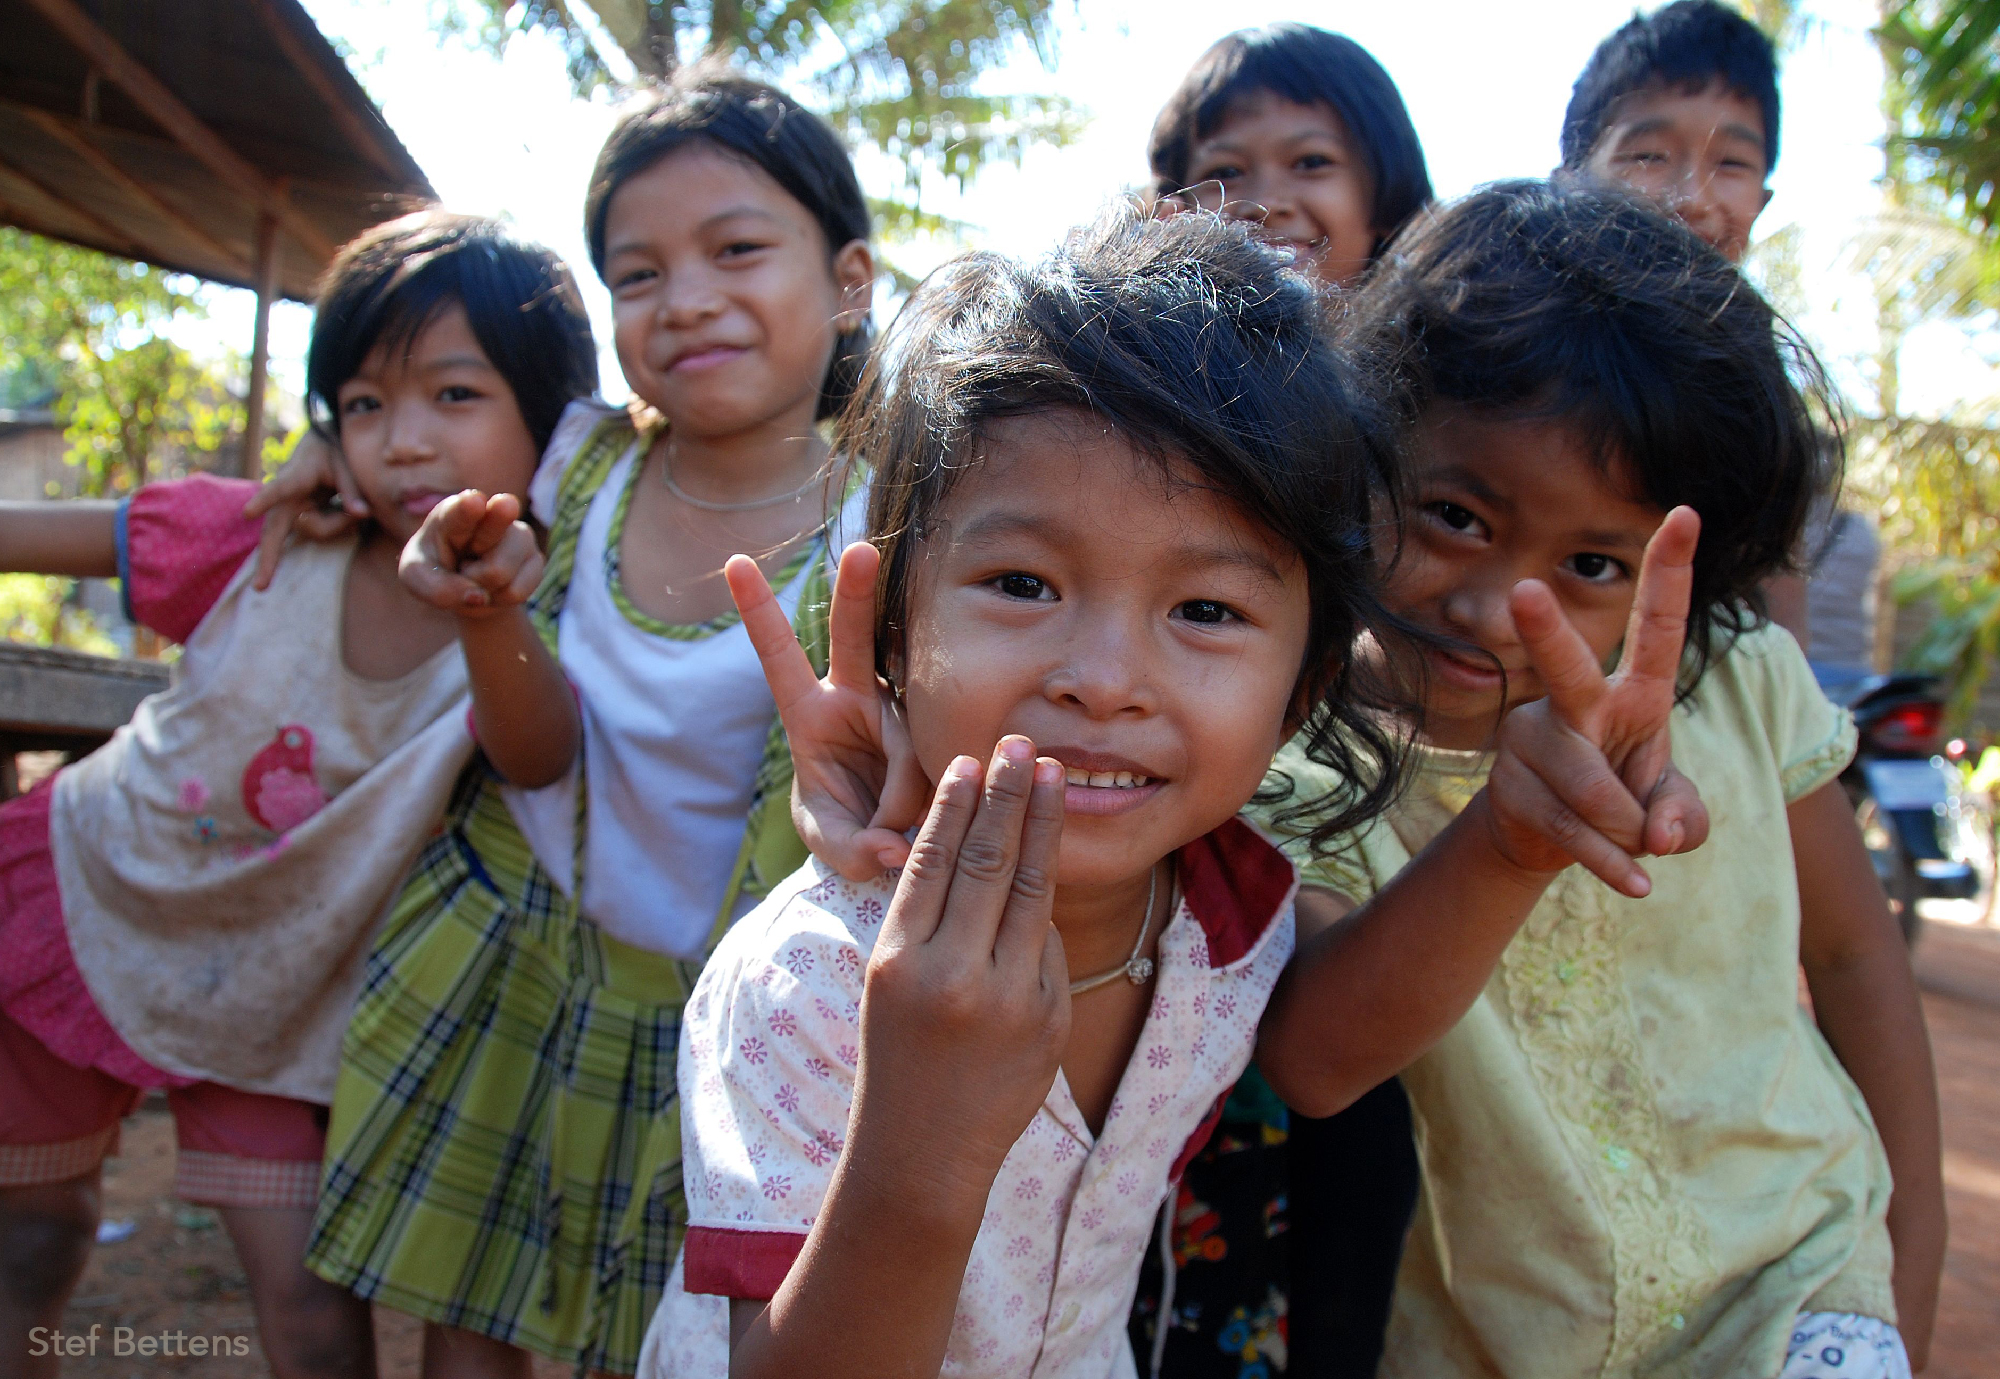 Terre Cambodge - Stef Bettens - Anapia